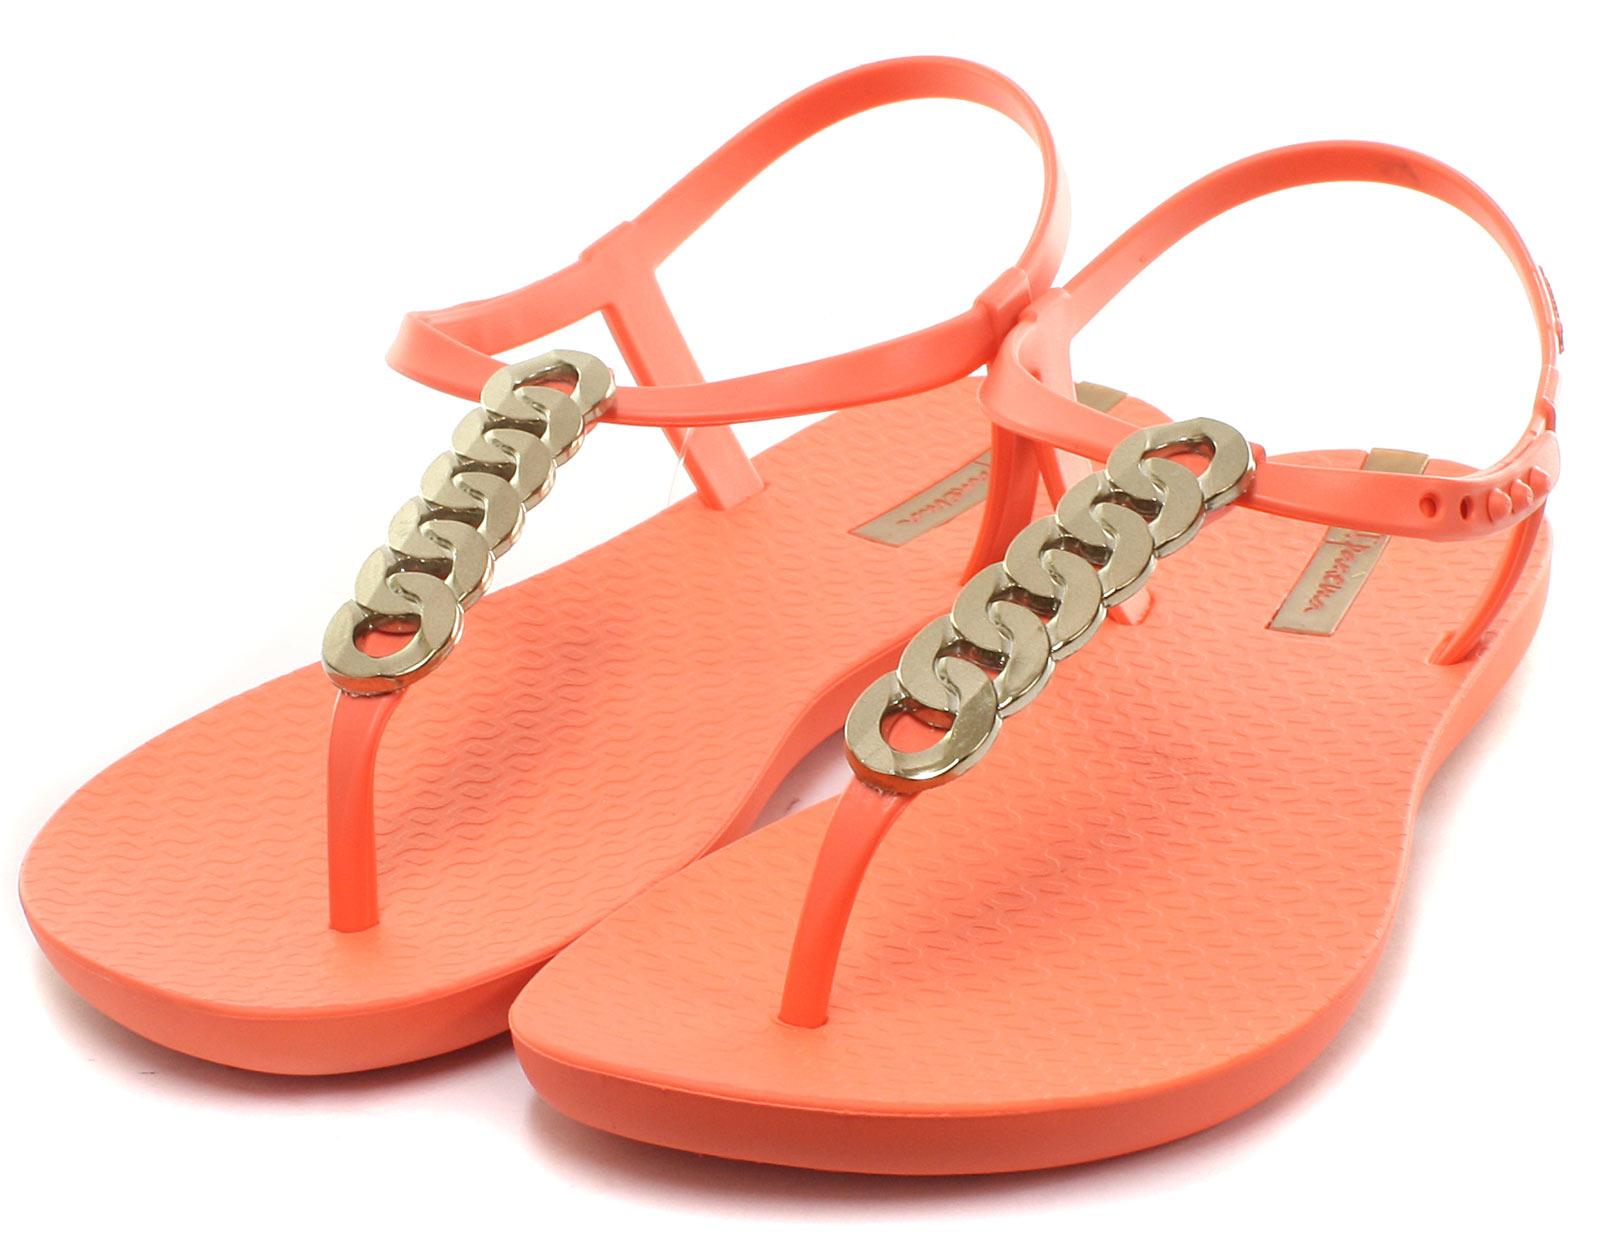 Ipanema Brasilien Vibe Sandalen 21 Damen Sandalen Alle Größen und Farben